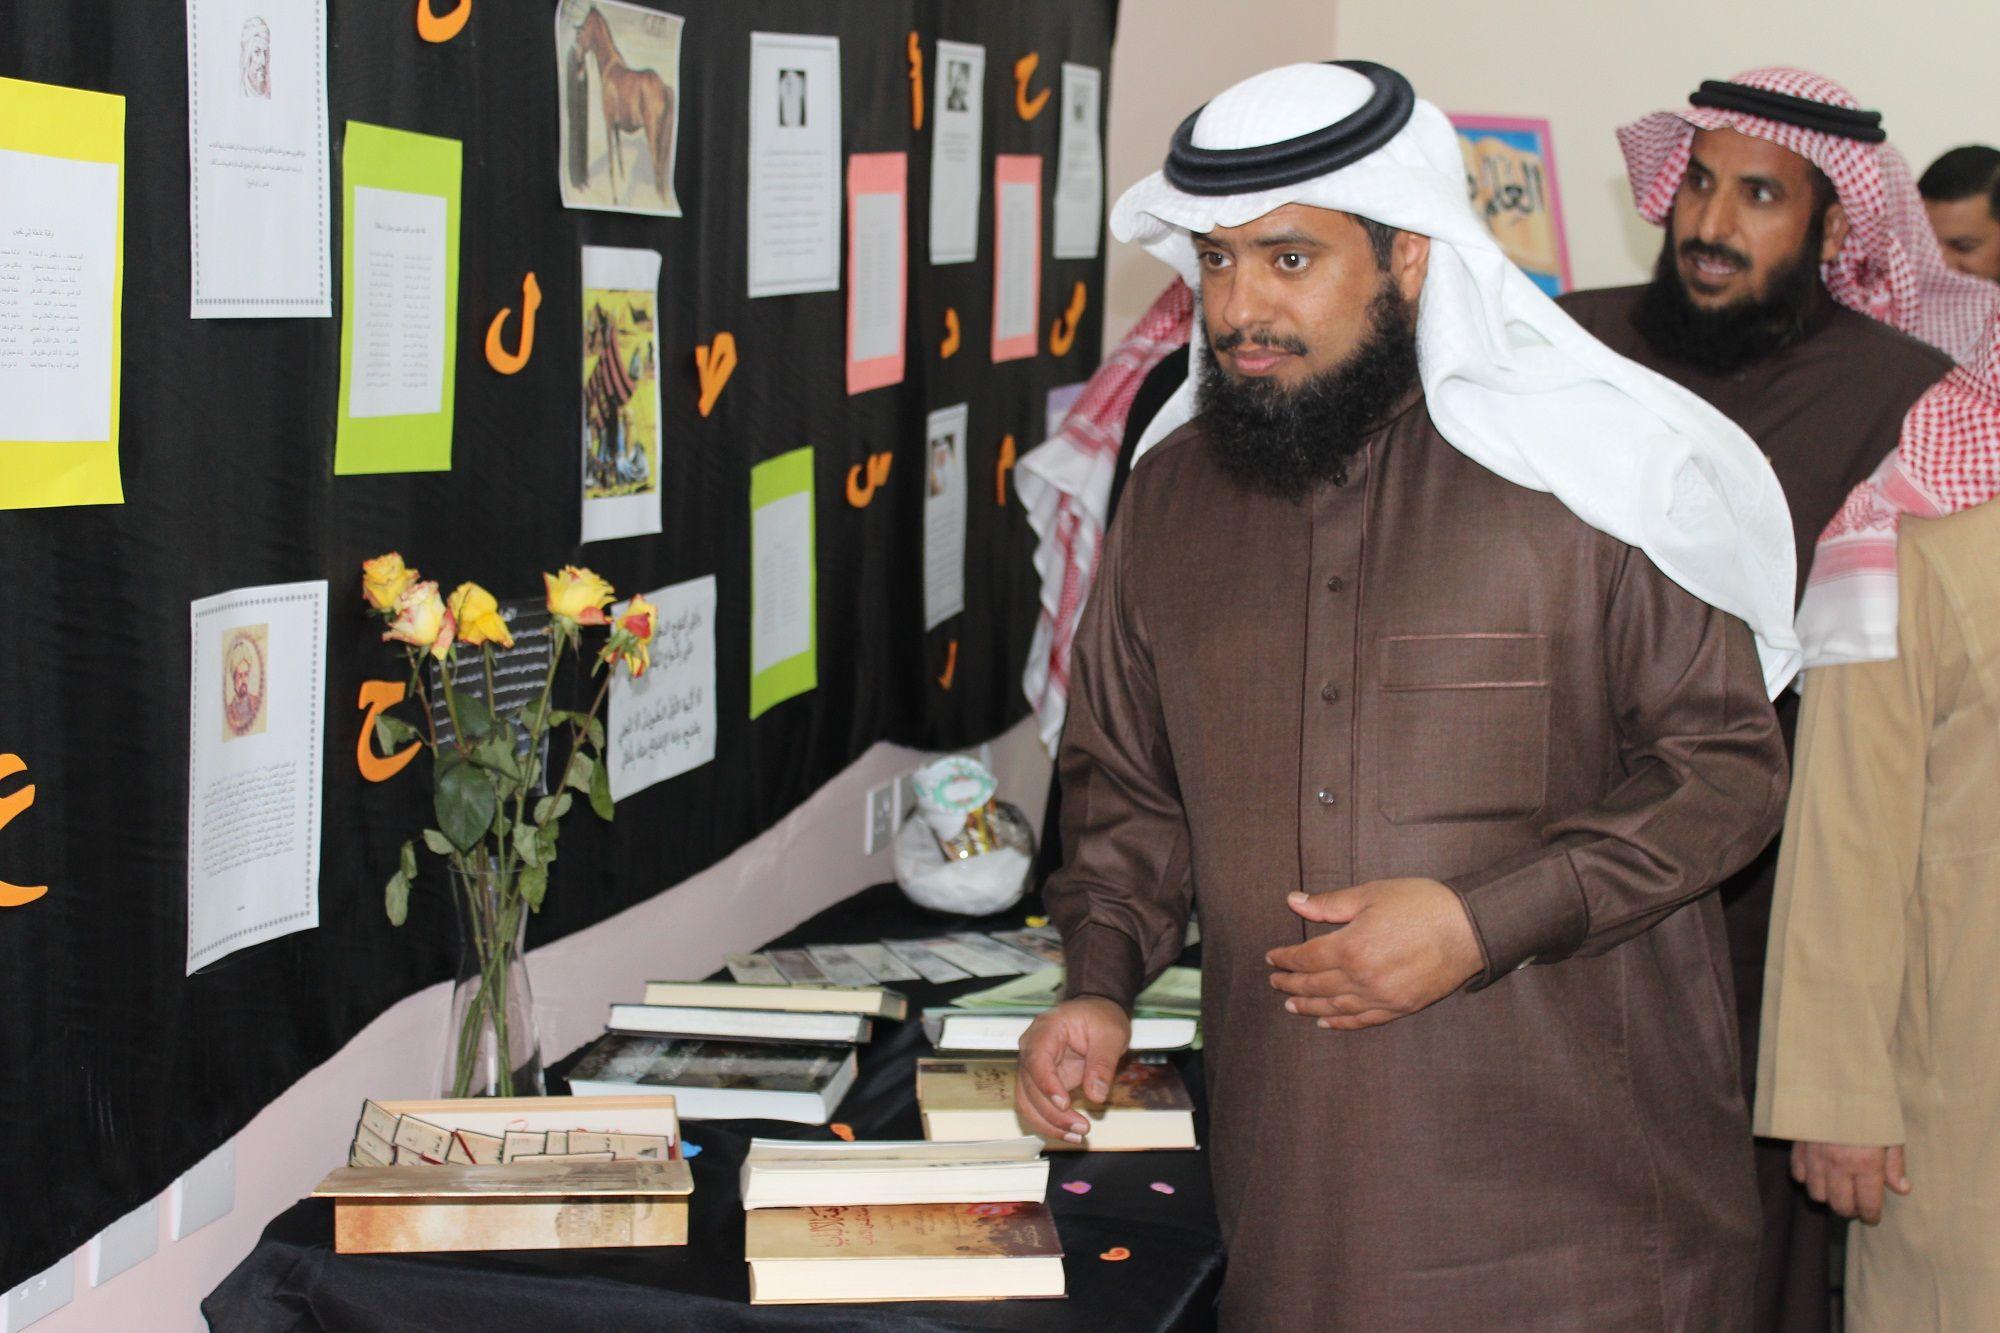 عميد كلية التربية بالزلفي يفتتح معرض اليوم العالمي للغة العربية | جامعة المجمعة | Majmaah University